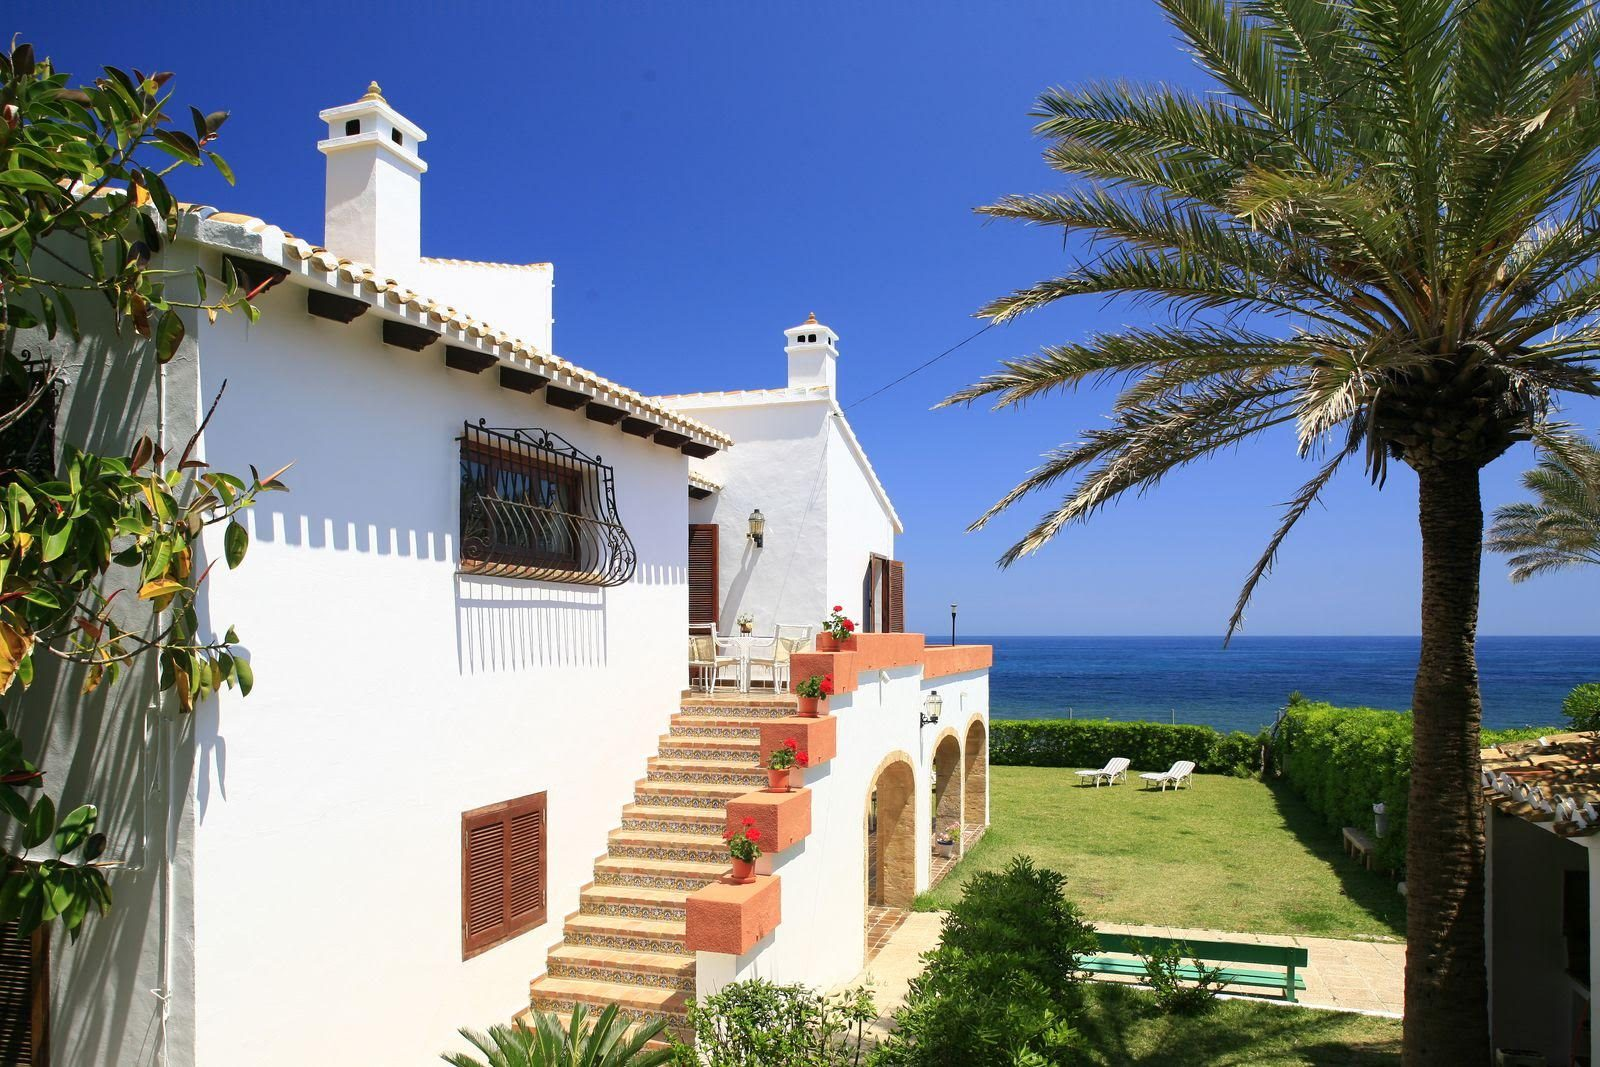 Maison en espagne bord de mer acheter maison espagne for Acheter maison alicante